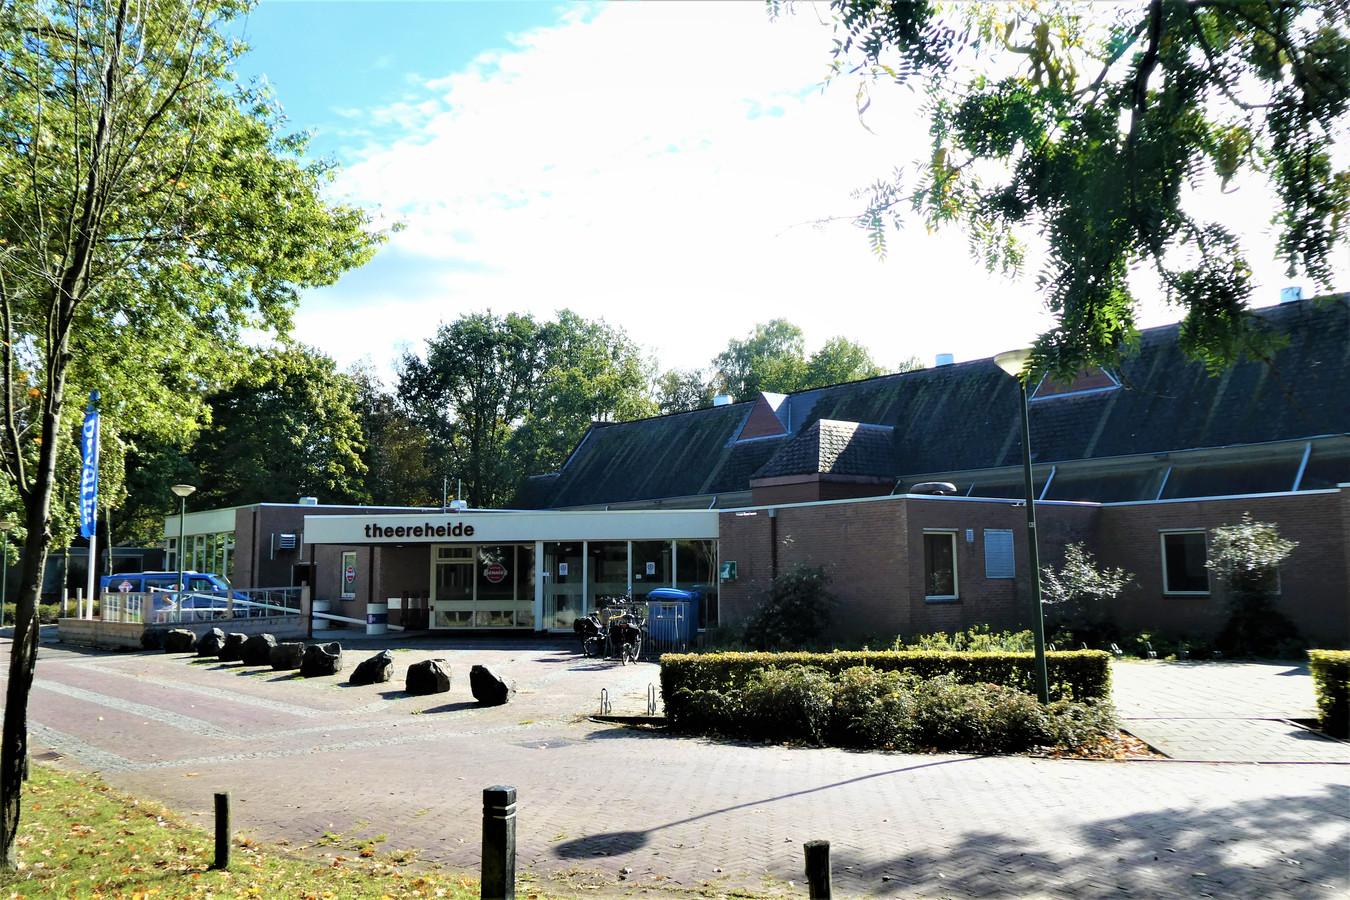 Sporthal Theereheide in de gelijknamige wijk in Sint-Michielsgestel staat op de nominatie om gesloopt te worden.